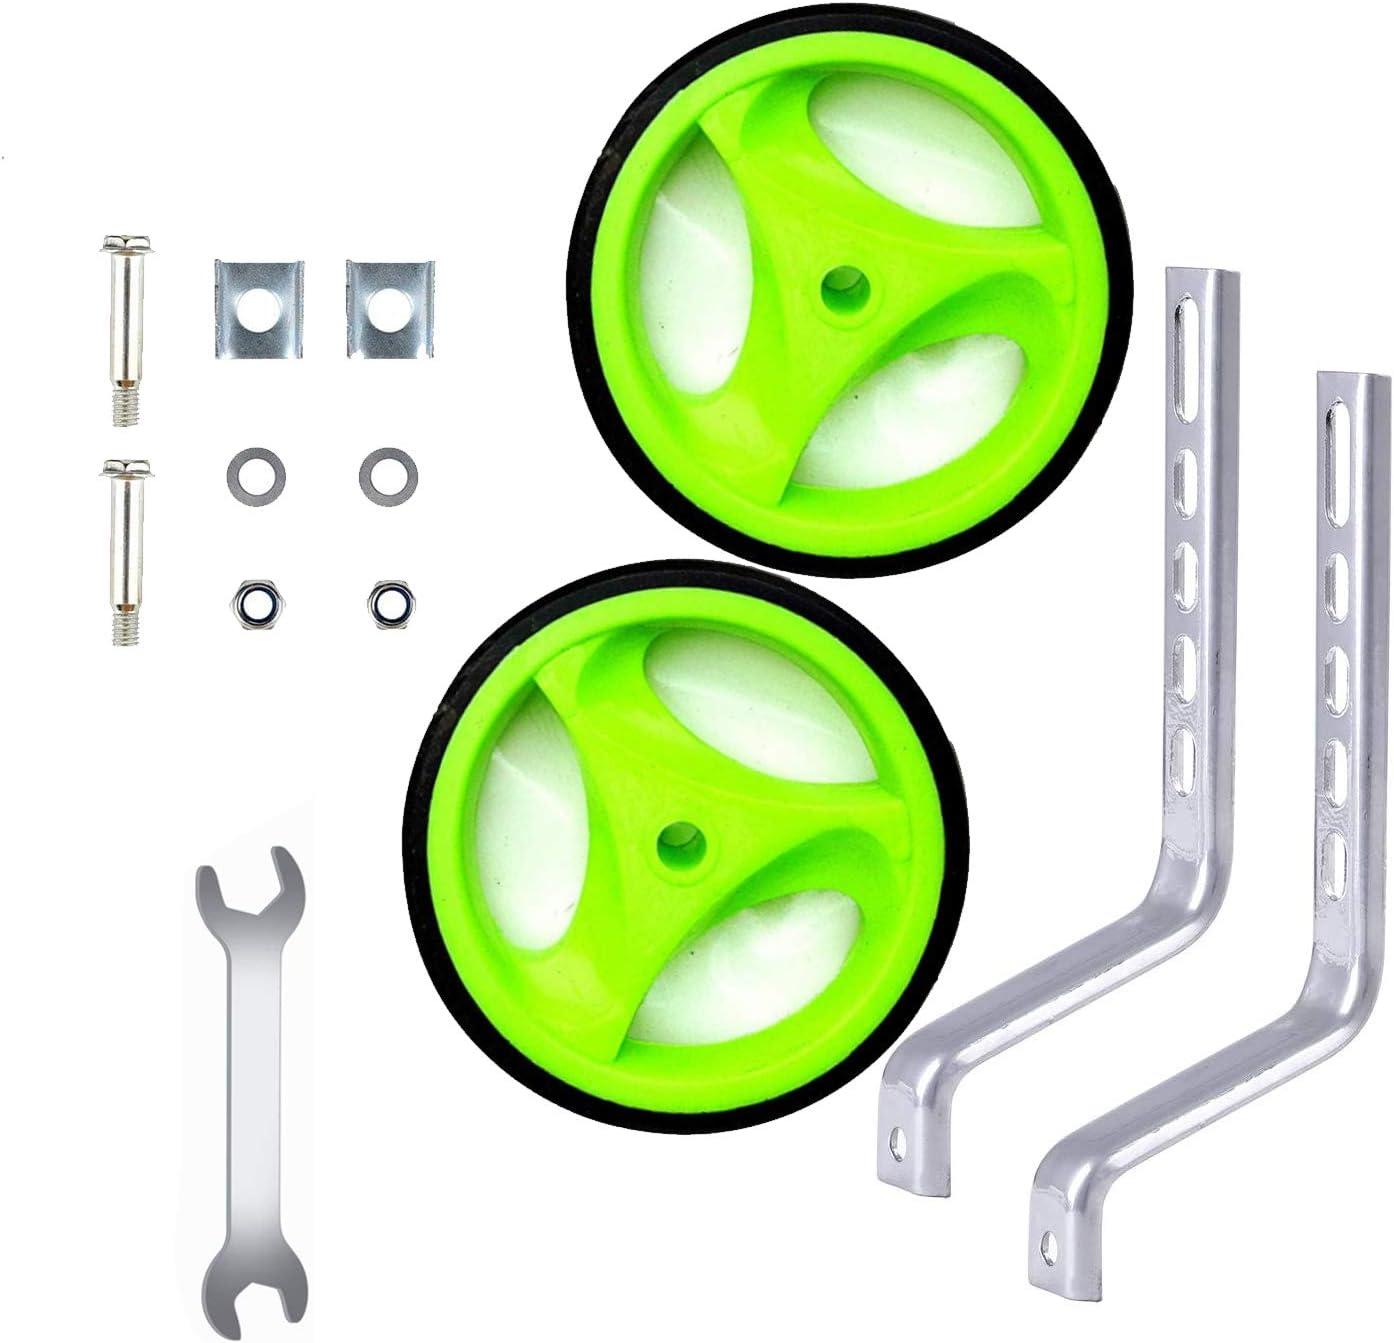 senza rumori 2 pezzi ruote in gomma in acciaio spesso spesso con accessori per bici da bambino Stabilizzatori per bicicletta regolabili da 30,5 a 50,8 cm per bambini EBTOOLS